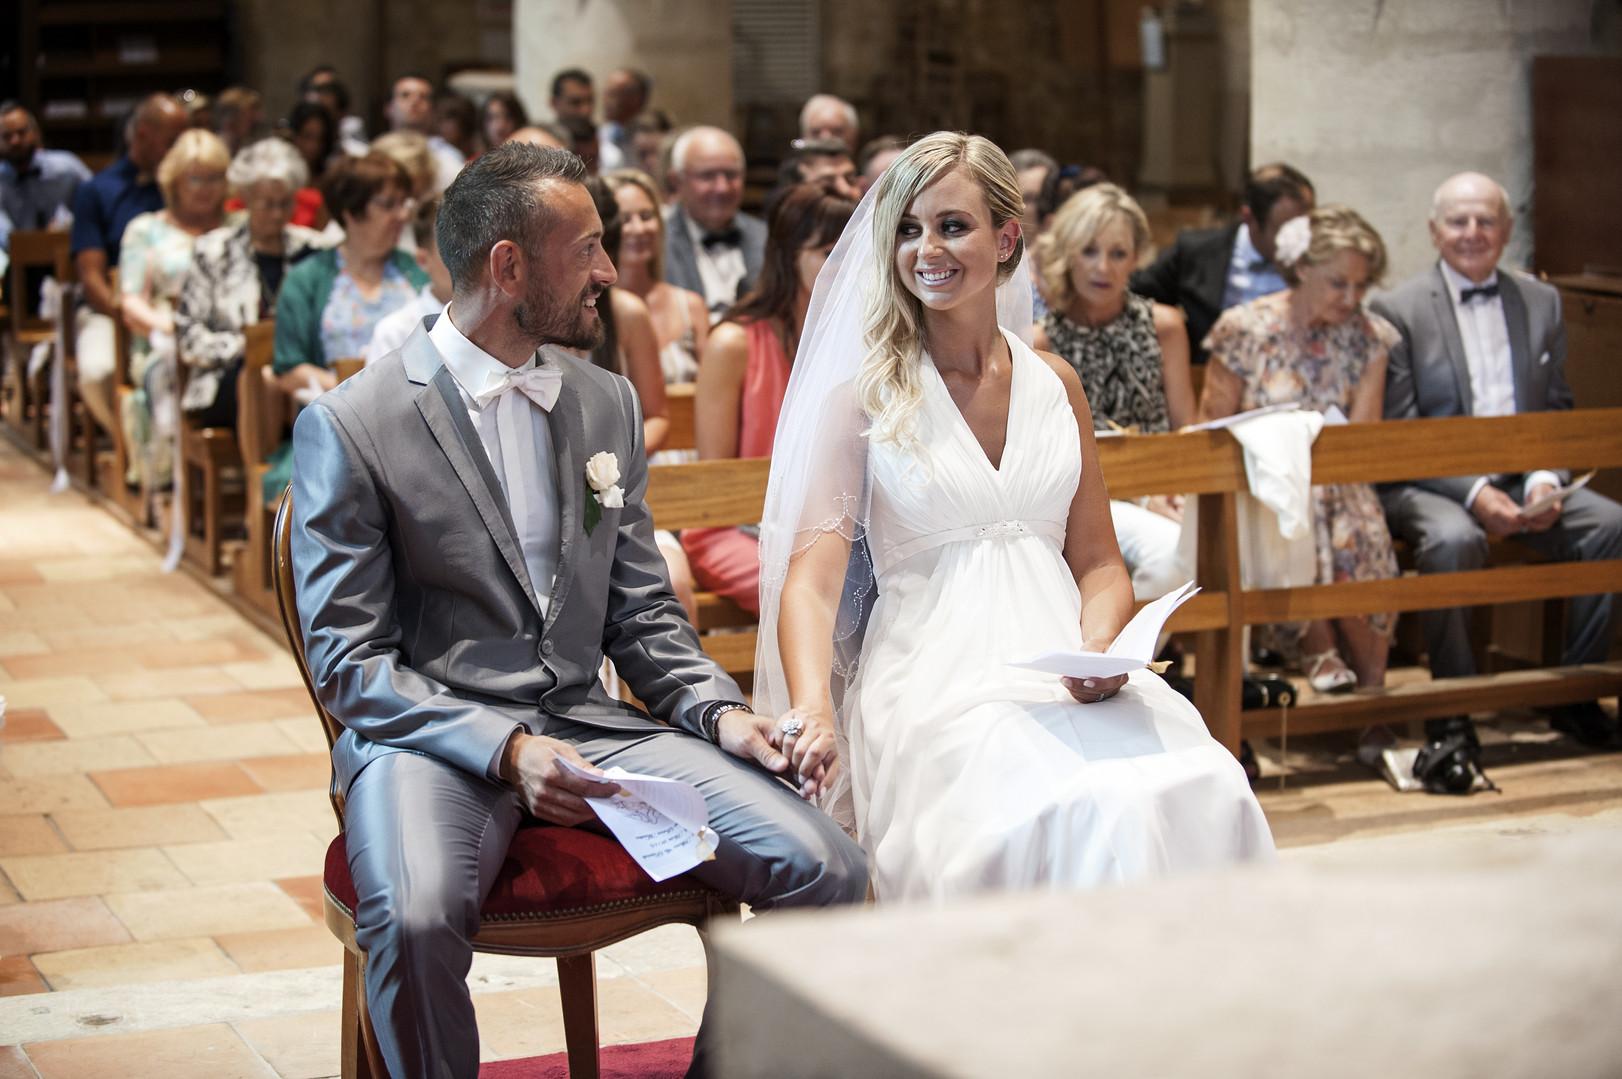 Le mariage de Alicia & Patrick Alicia et Patrick Le Goc, se sont dit oui, le 13 août 2016, au Château Beaulé, près de Bordeaux.